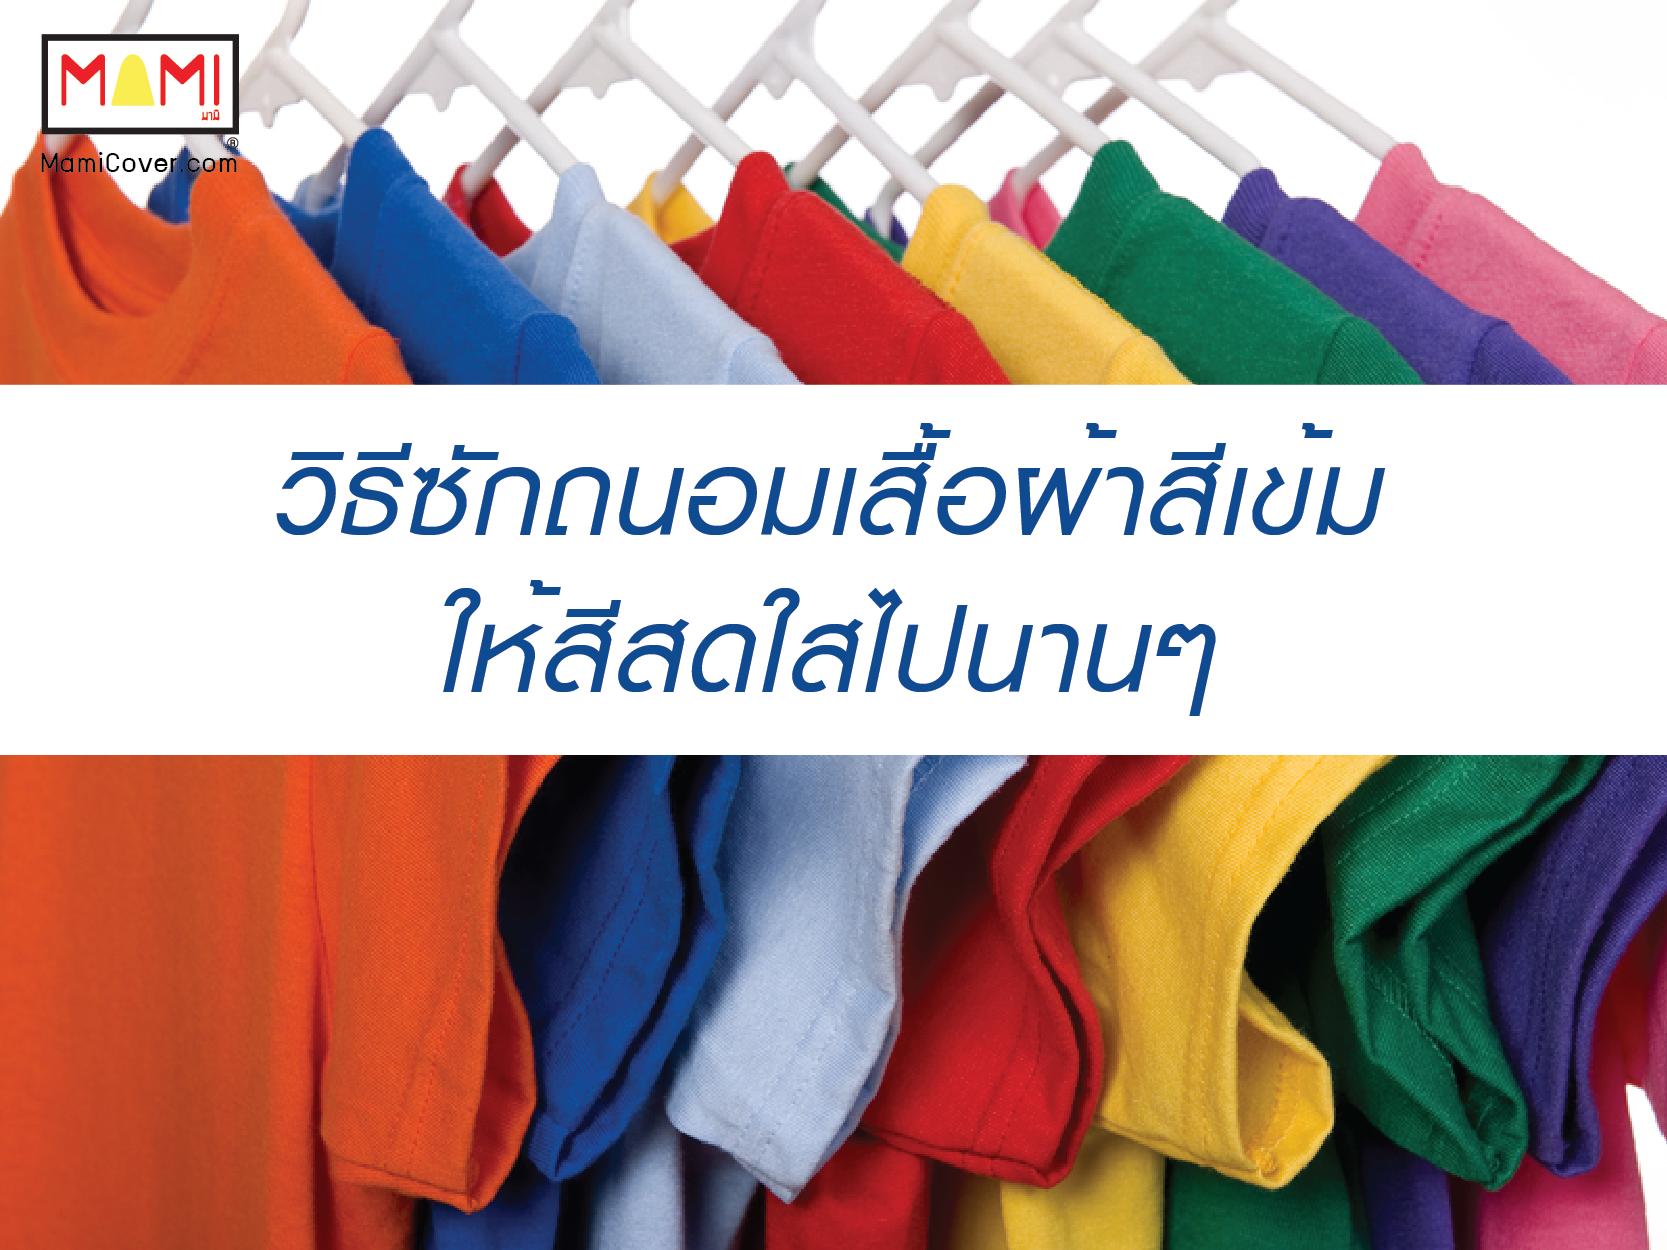 วิธีซักถนอมเสื้อผ้าสีเข้ม ให้สีสดใสไปนานๆ